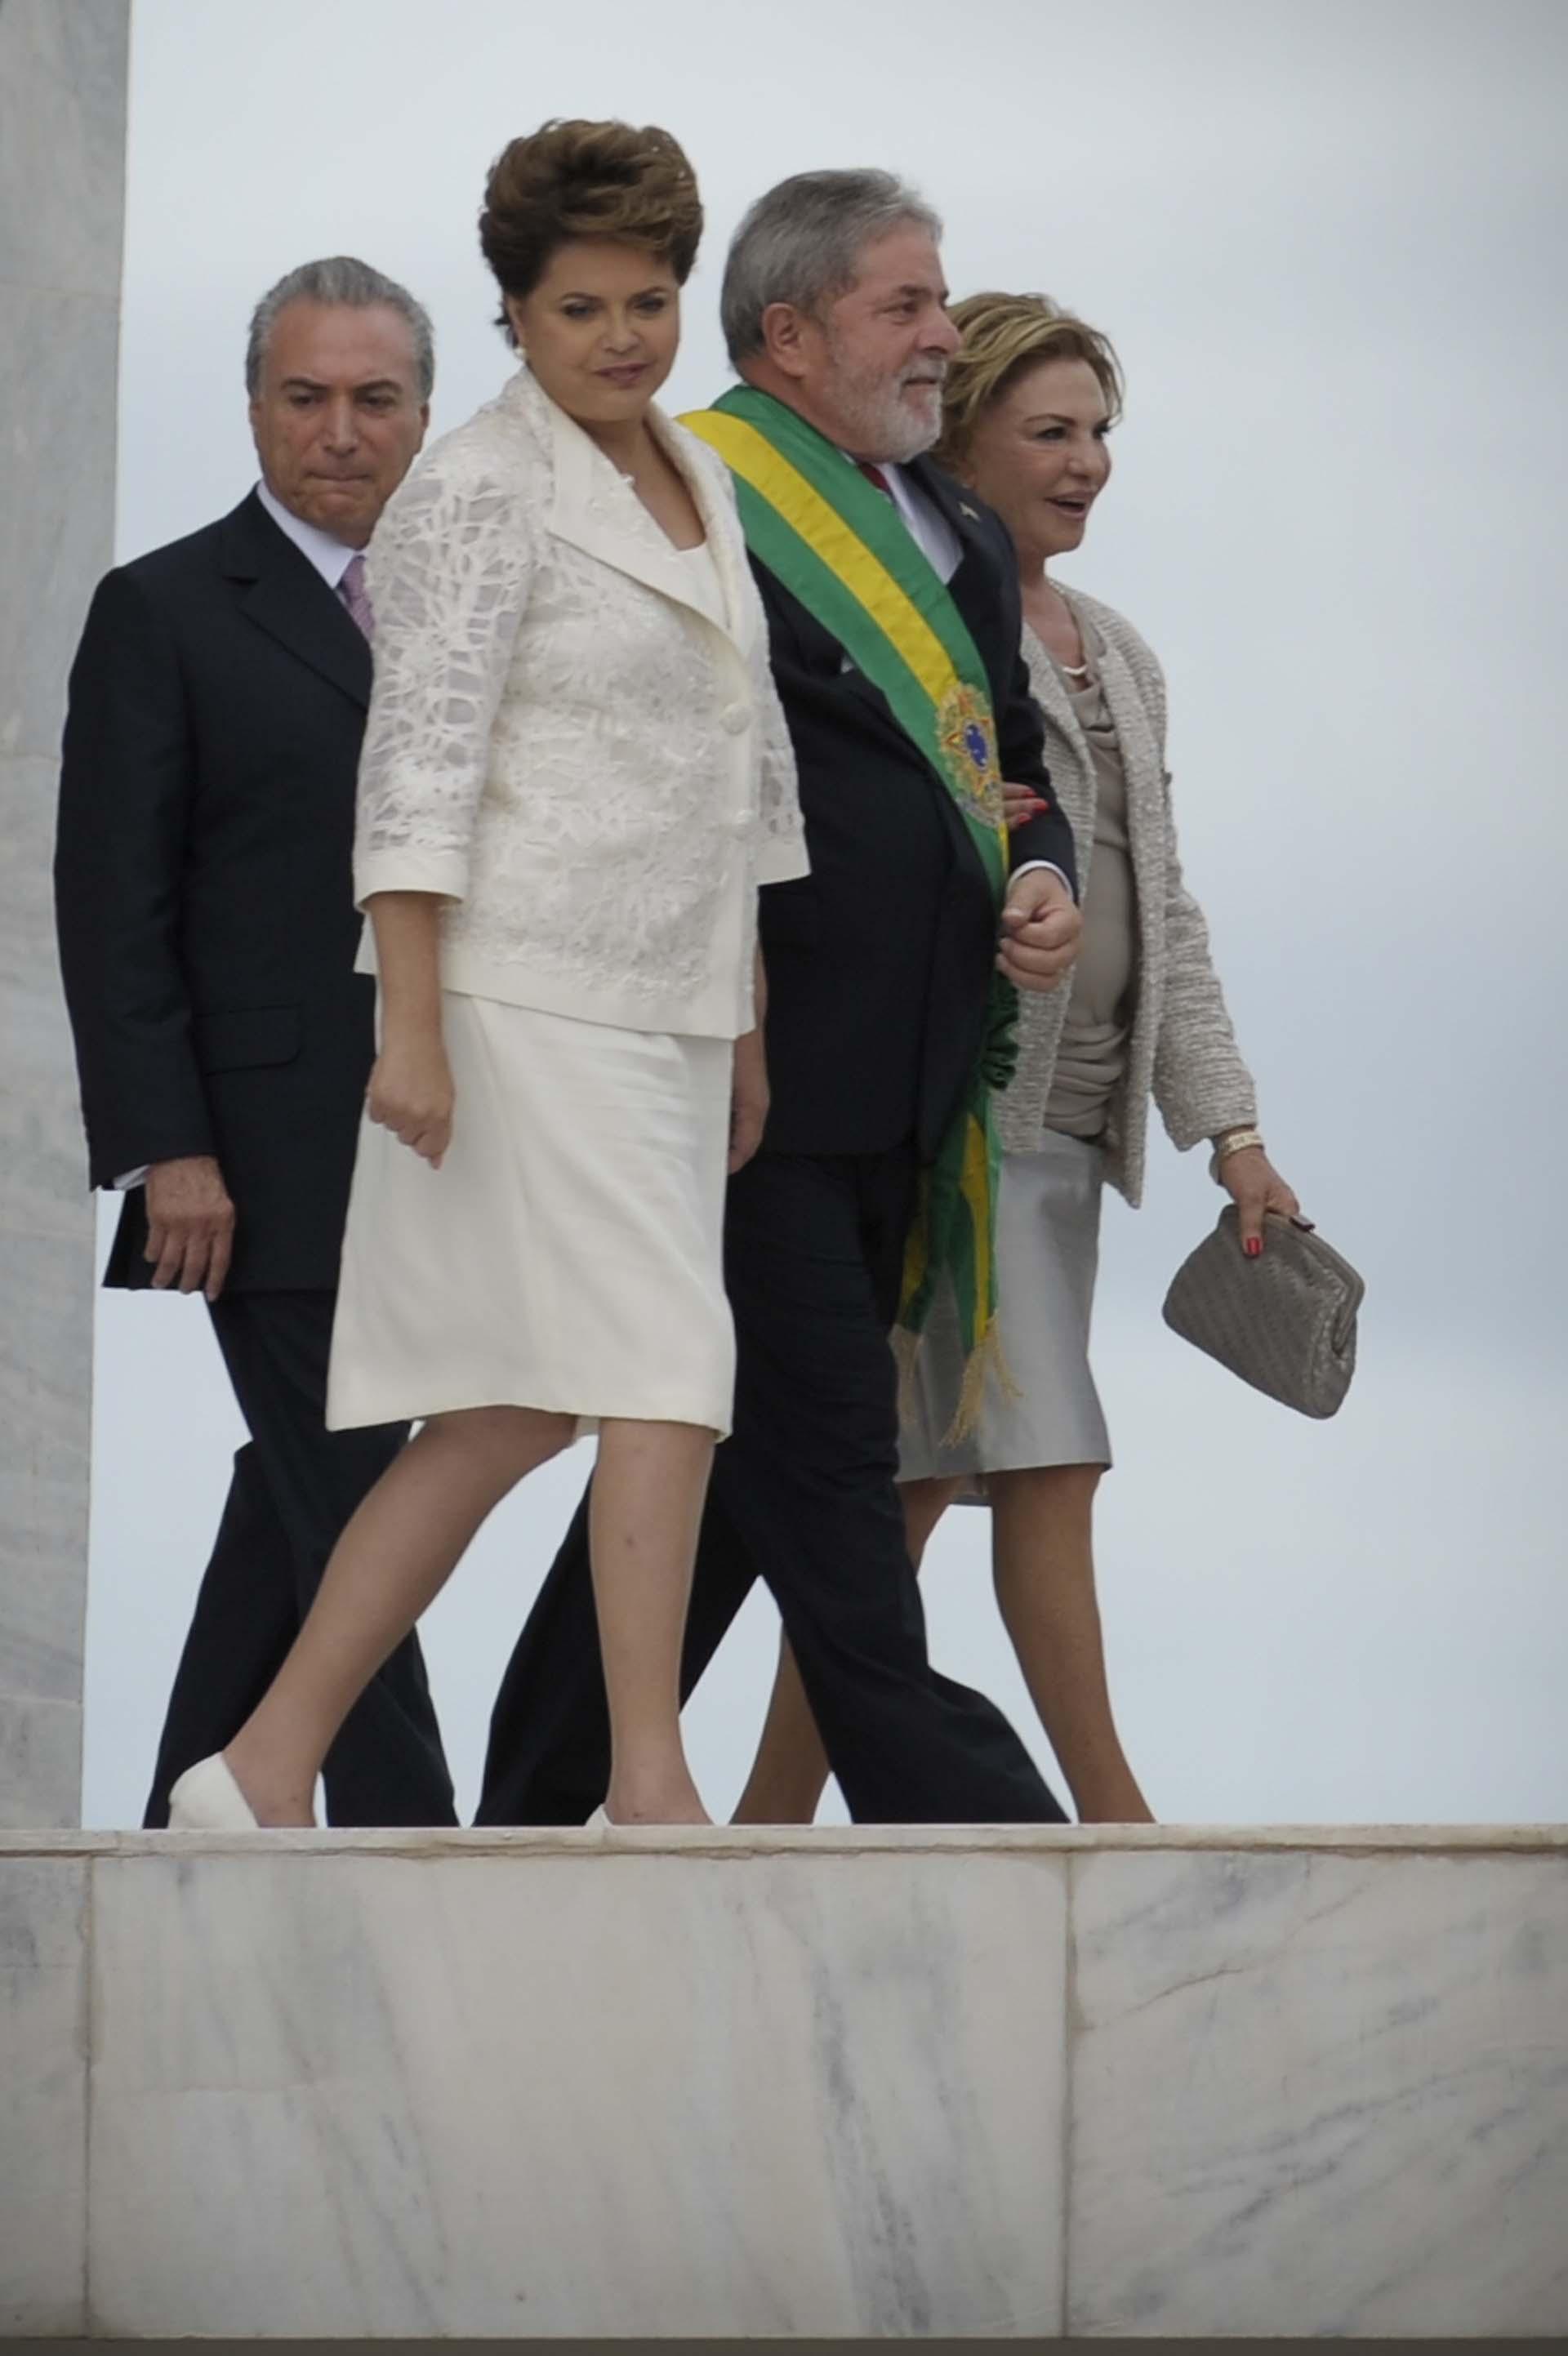 Después de dos mandatos, Lula no puede volver a presentarse a la presidencia, pero el Partido de los Trabajadores se mantiene en el poder. Dilma Rousseff se impuso en las elecciones de 2010, y el 1 de enero de 2011 recibió la banda de su padrino político(AFP Photo / Mauricio Lima)